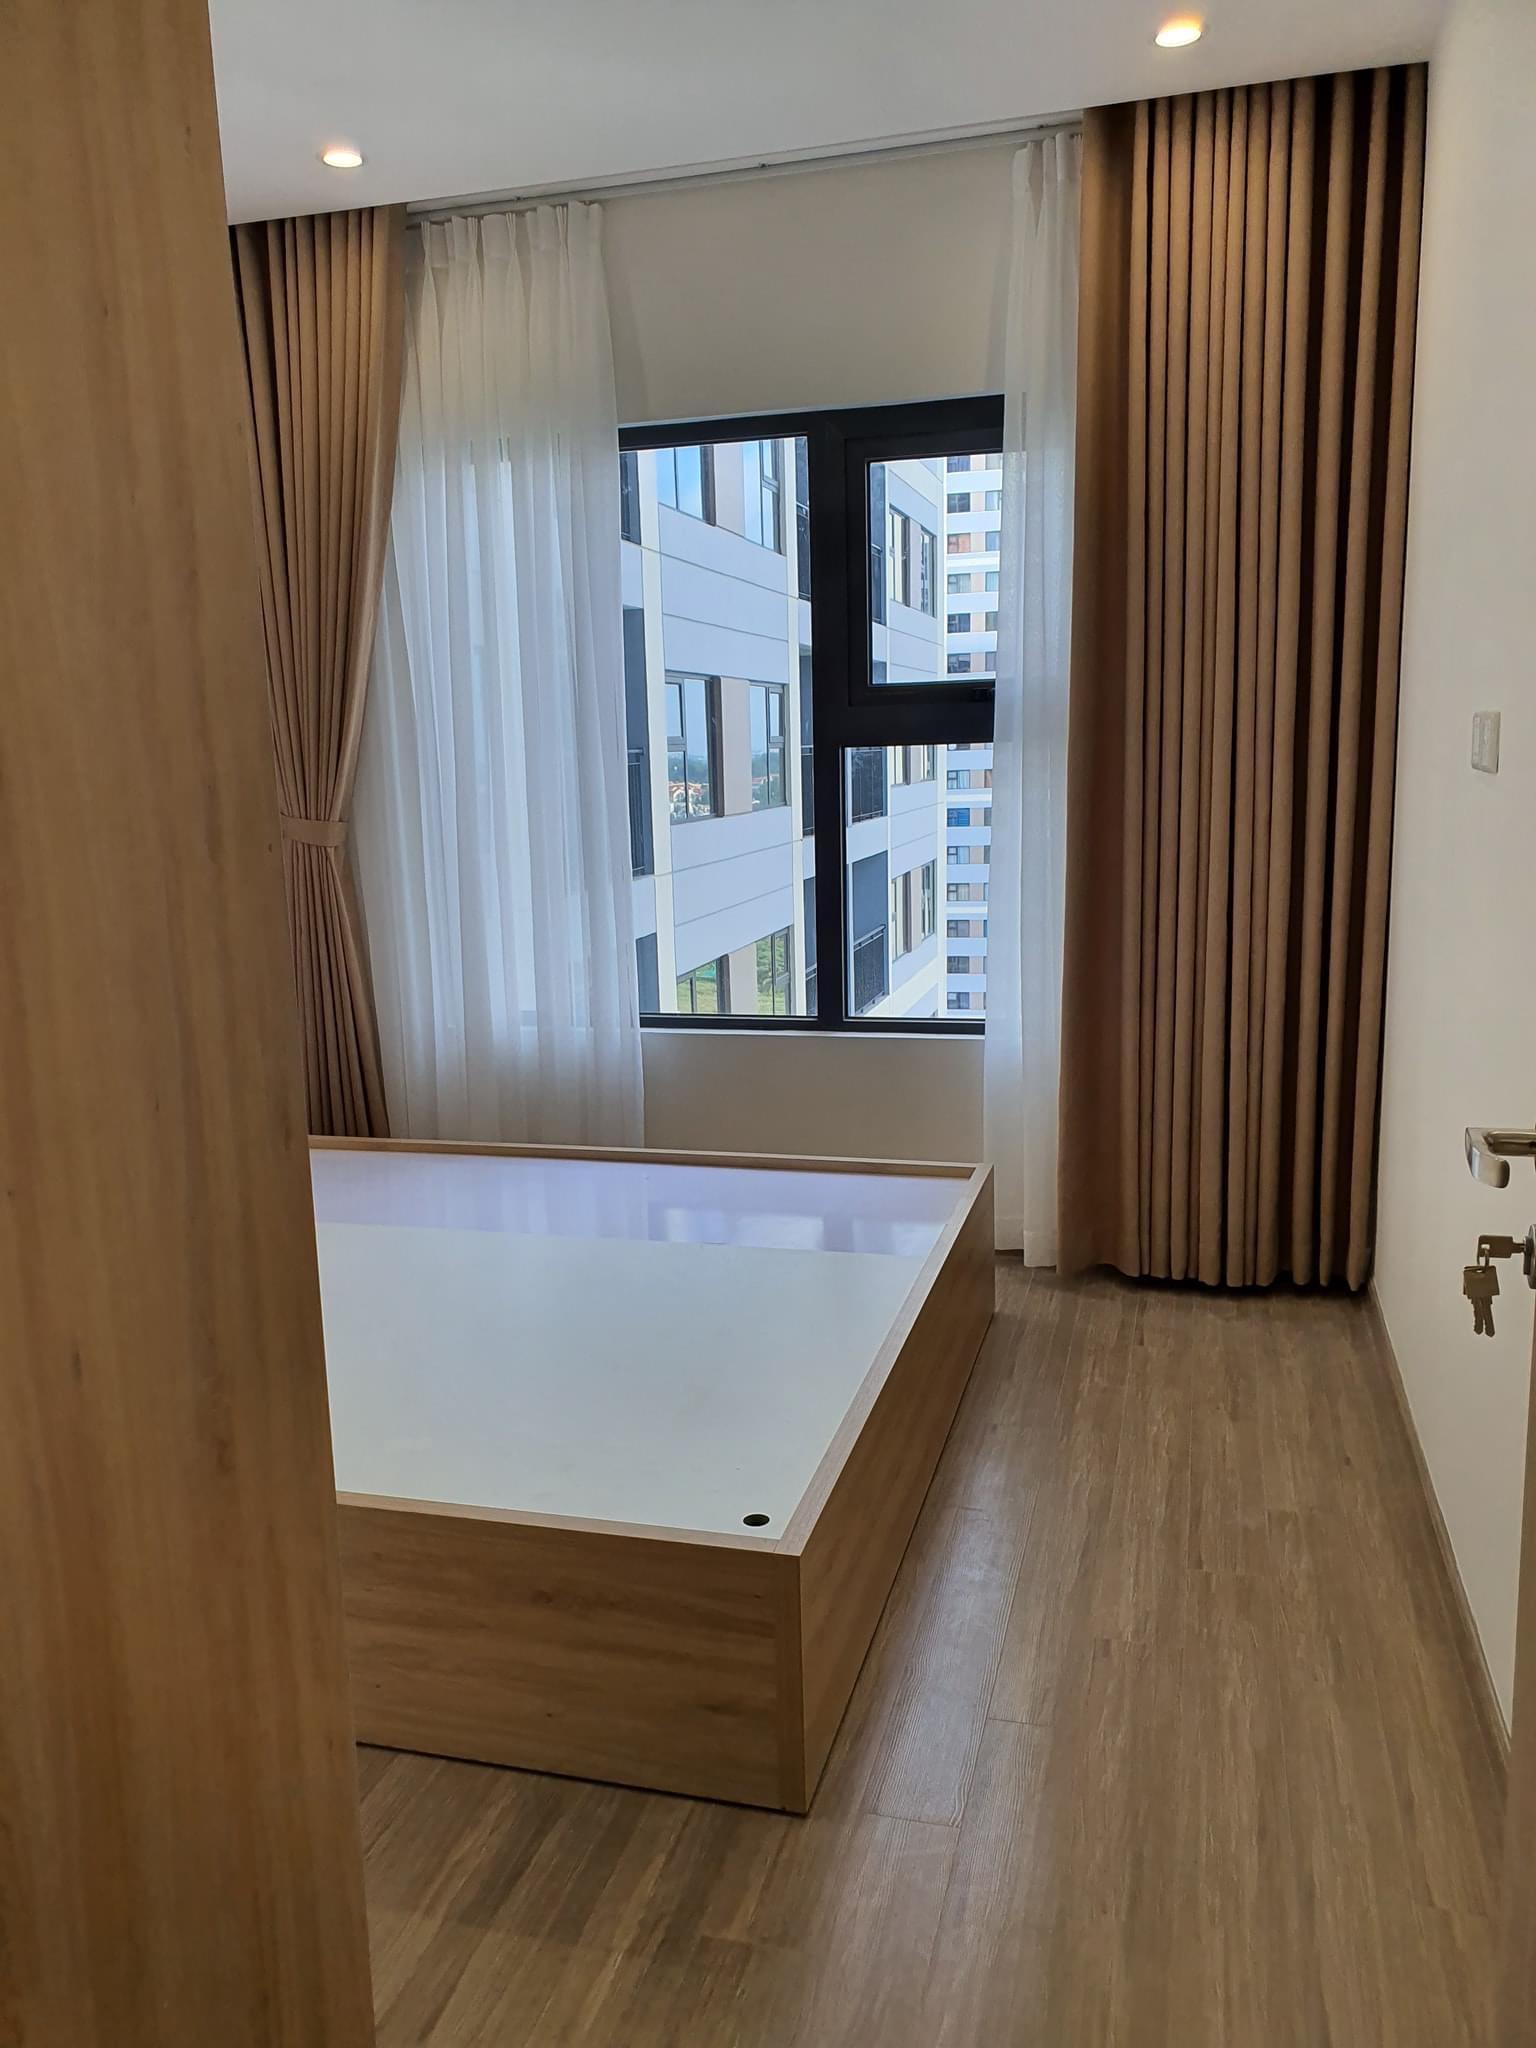 Căn hộ 2 phòng ngủ 1 Toilet tầng 17 toà S1.06 Nội thất giá 7tr/tháng 6